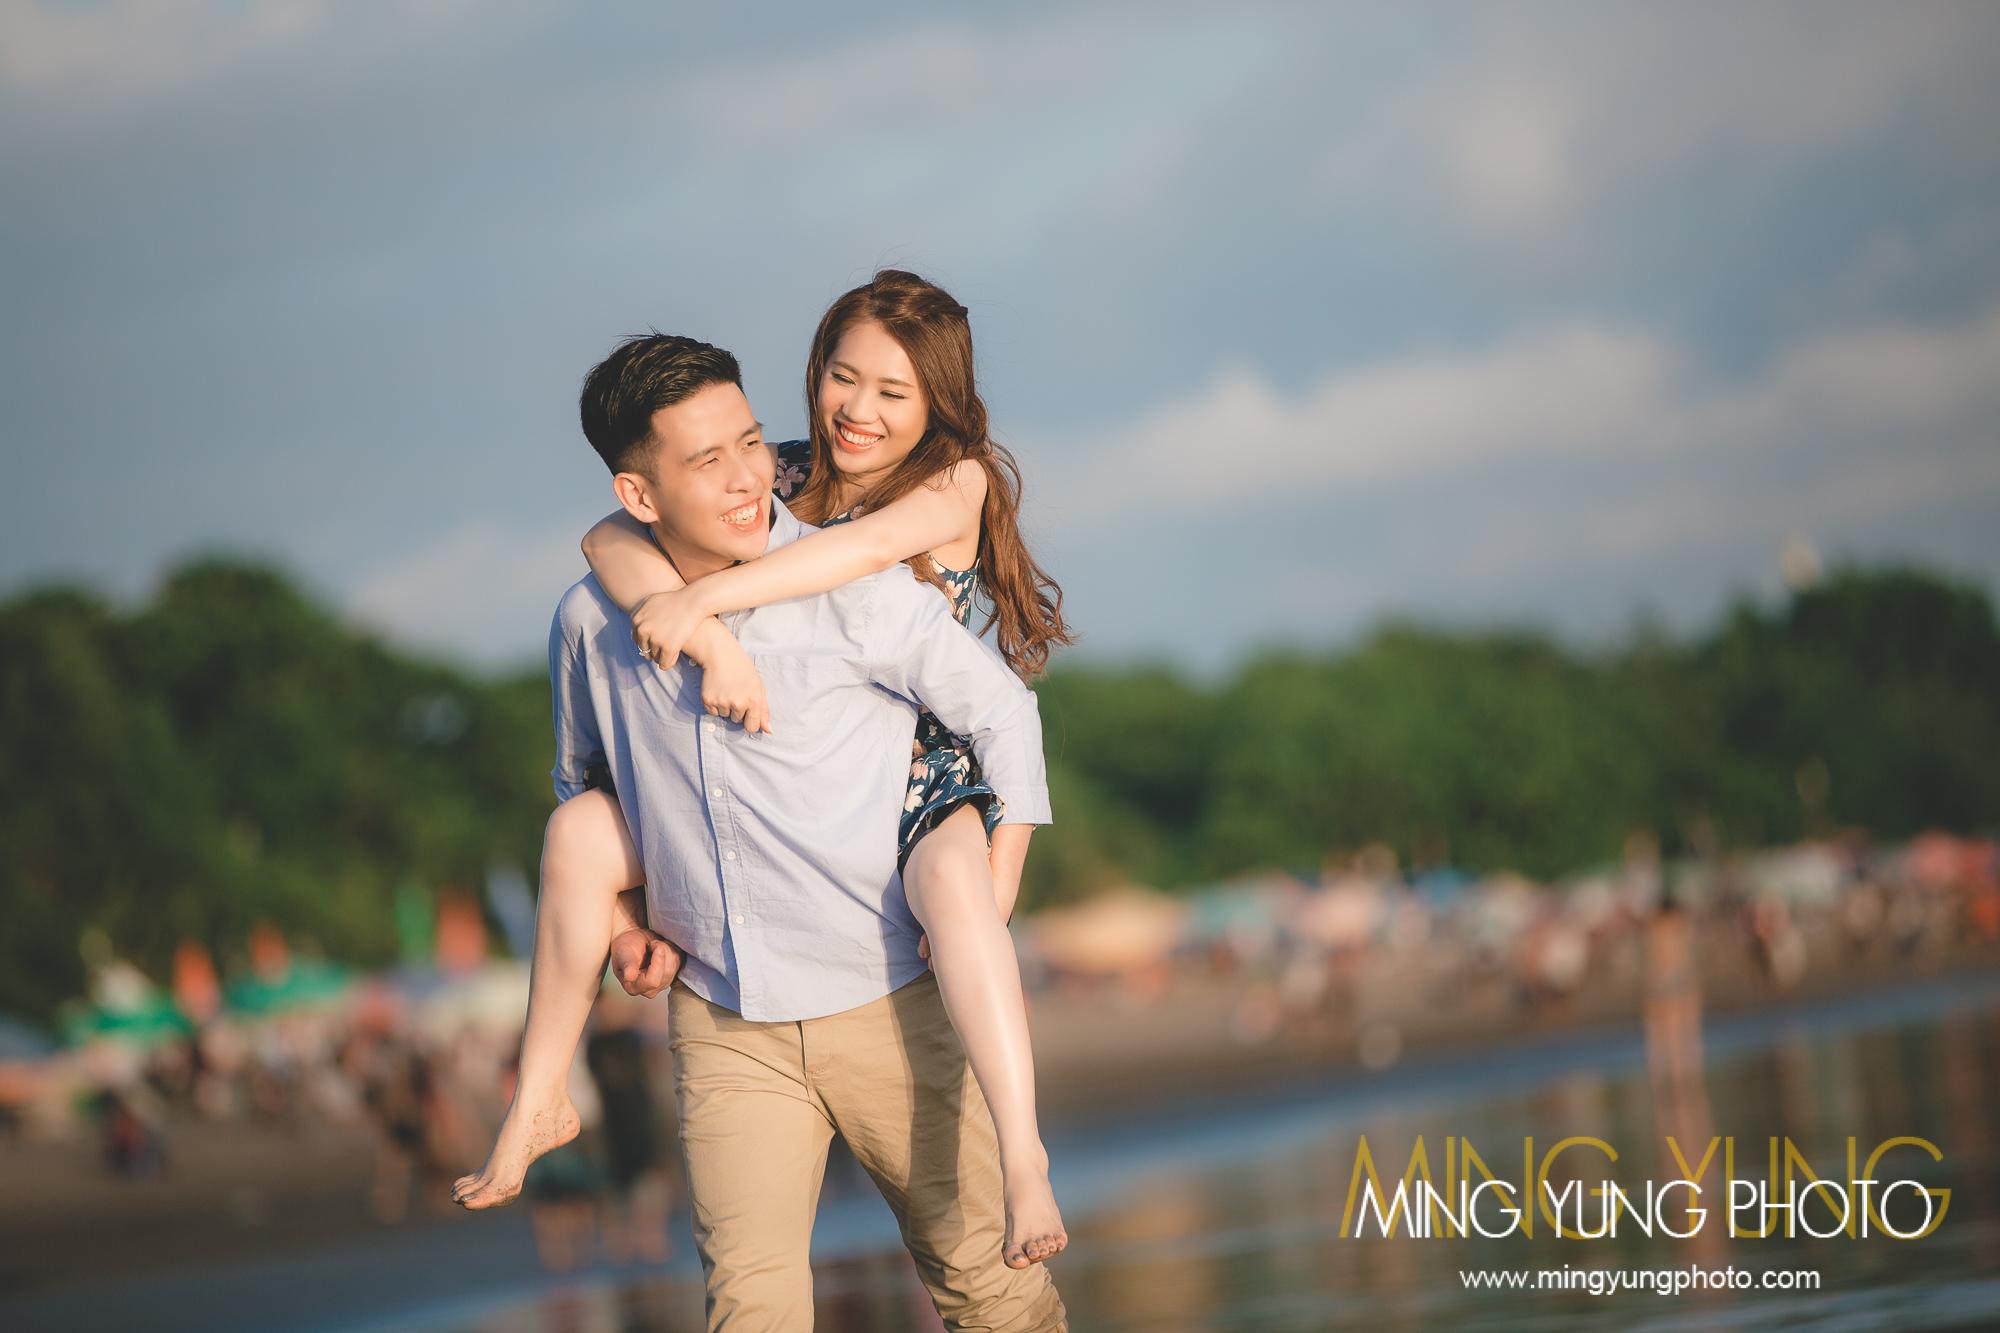 mingyungphoto-20160519-0022